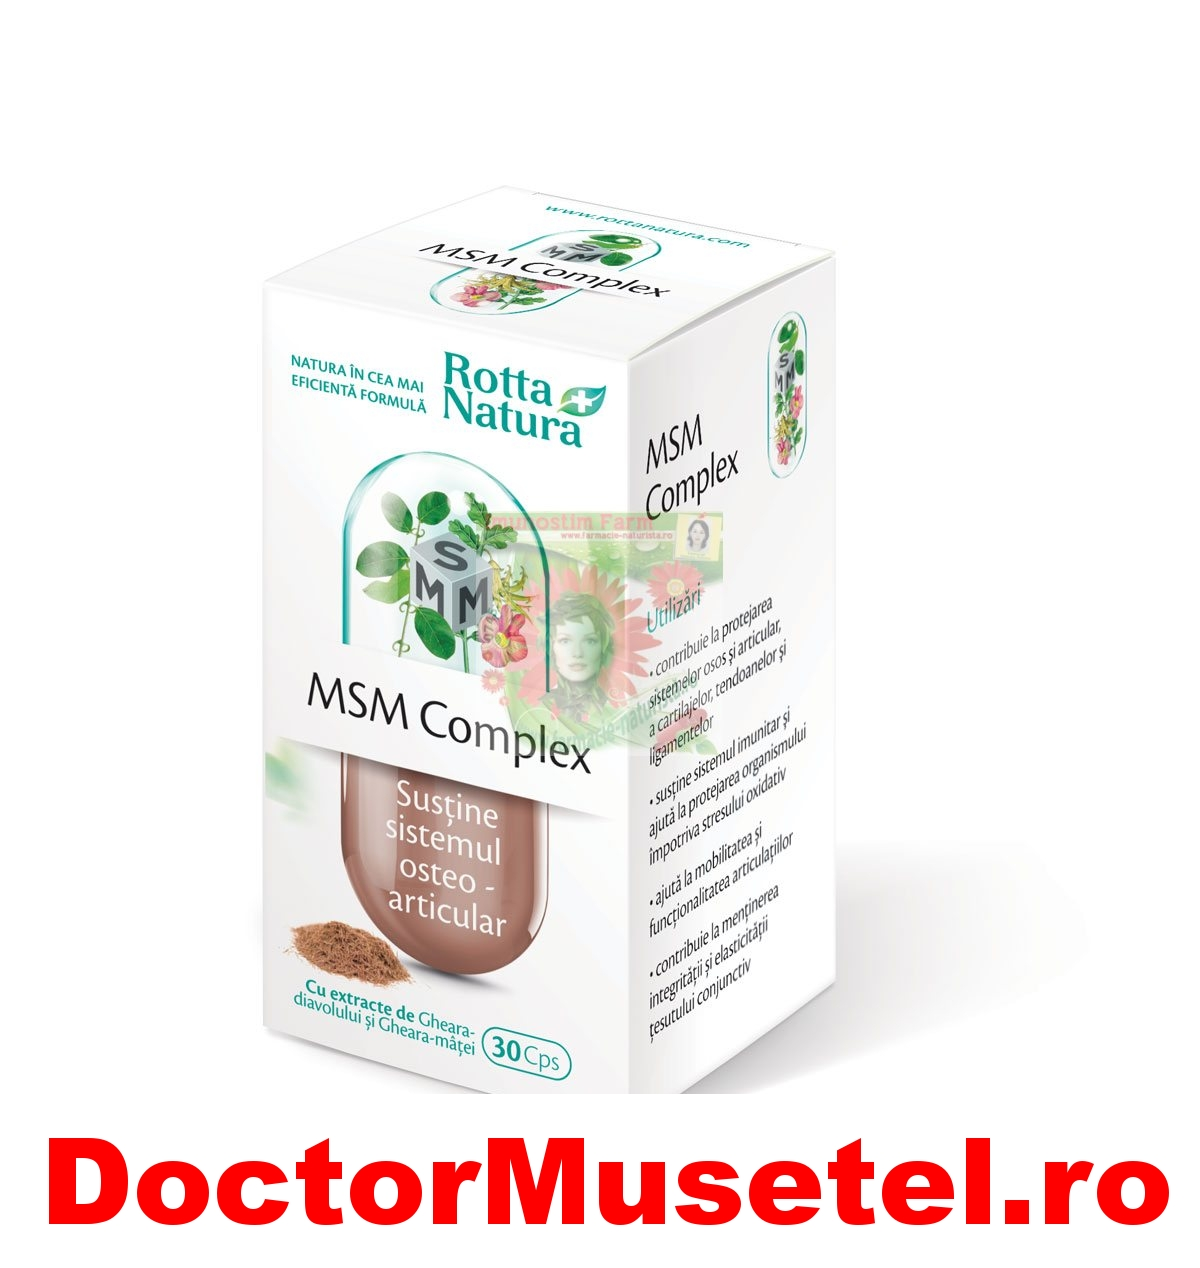 MSM-complex-30cps-ROTTA-NATURA-www-farmacie-naturista-ro.jpg